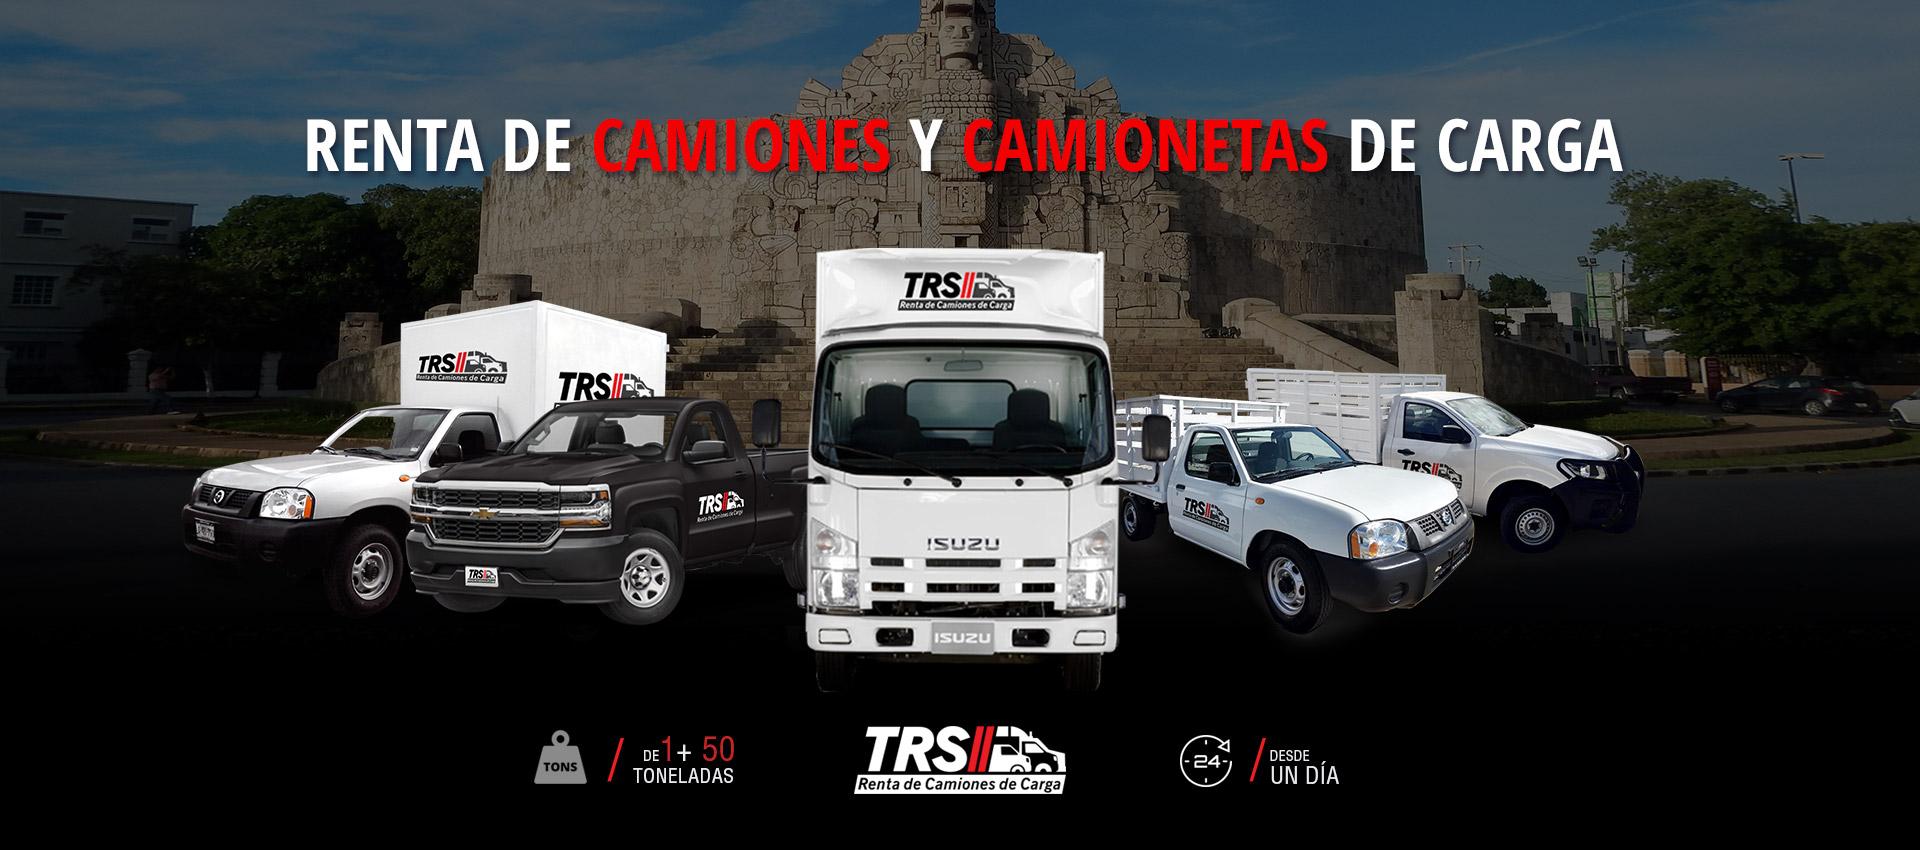 01-trs-slider-renta-camiones-y-camionetas-de-carga